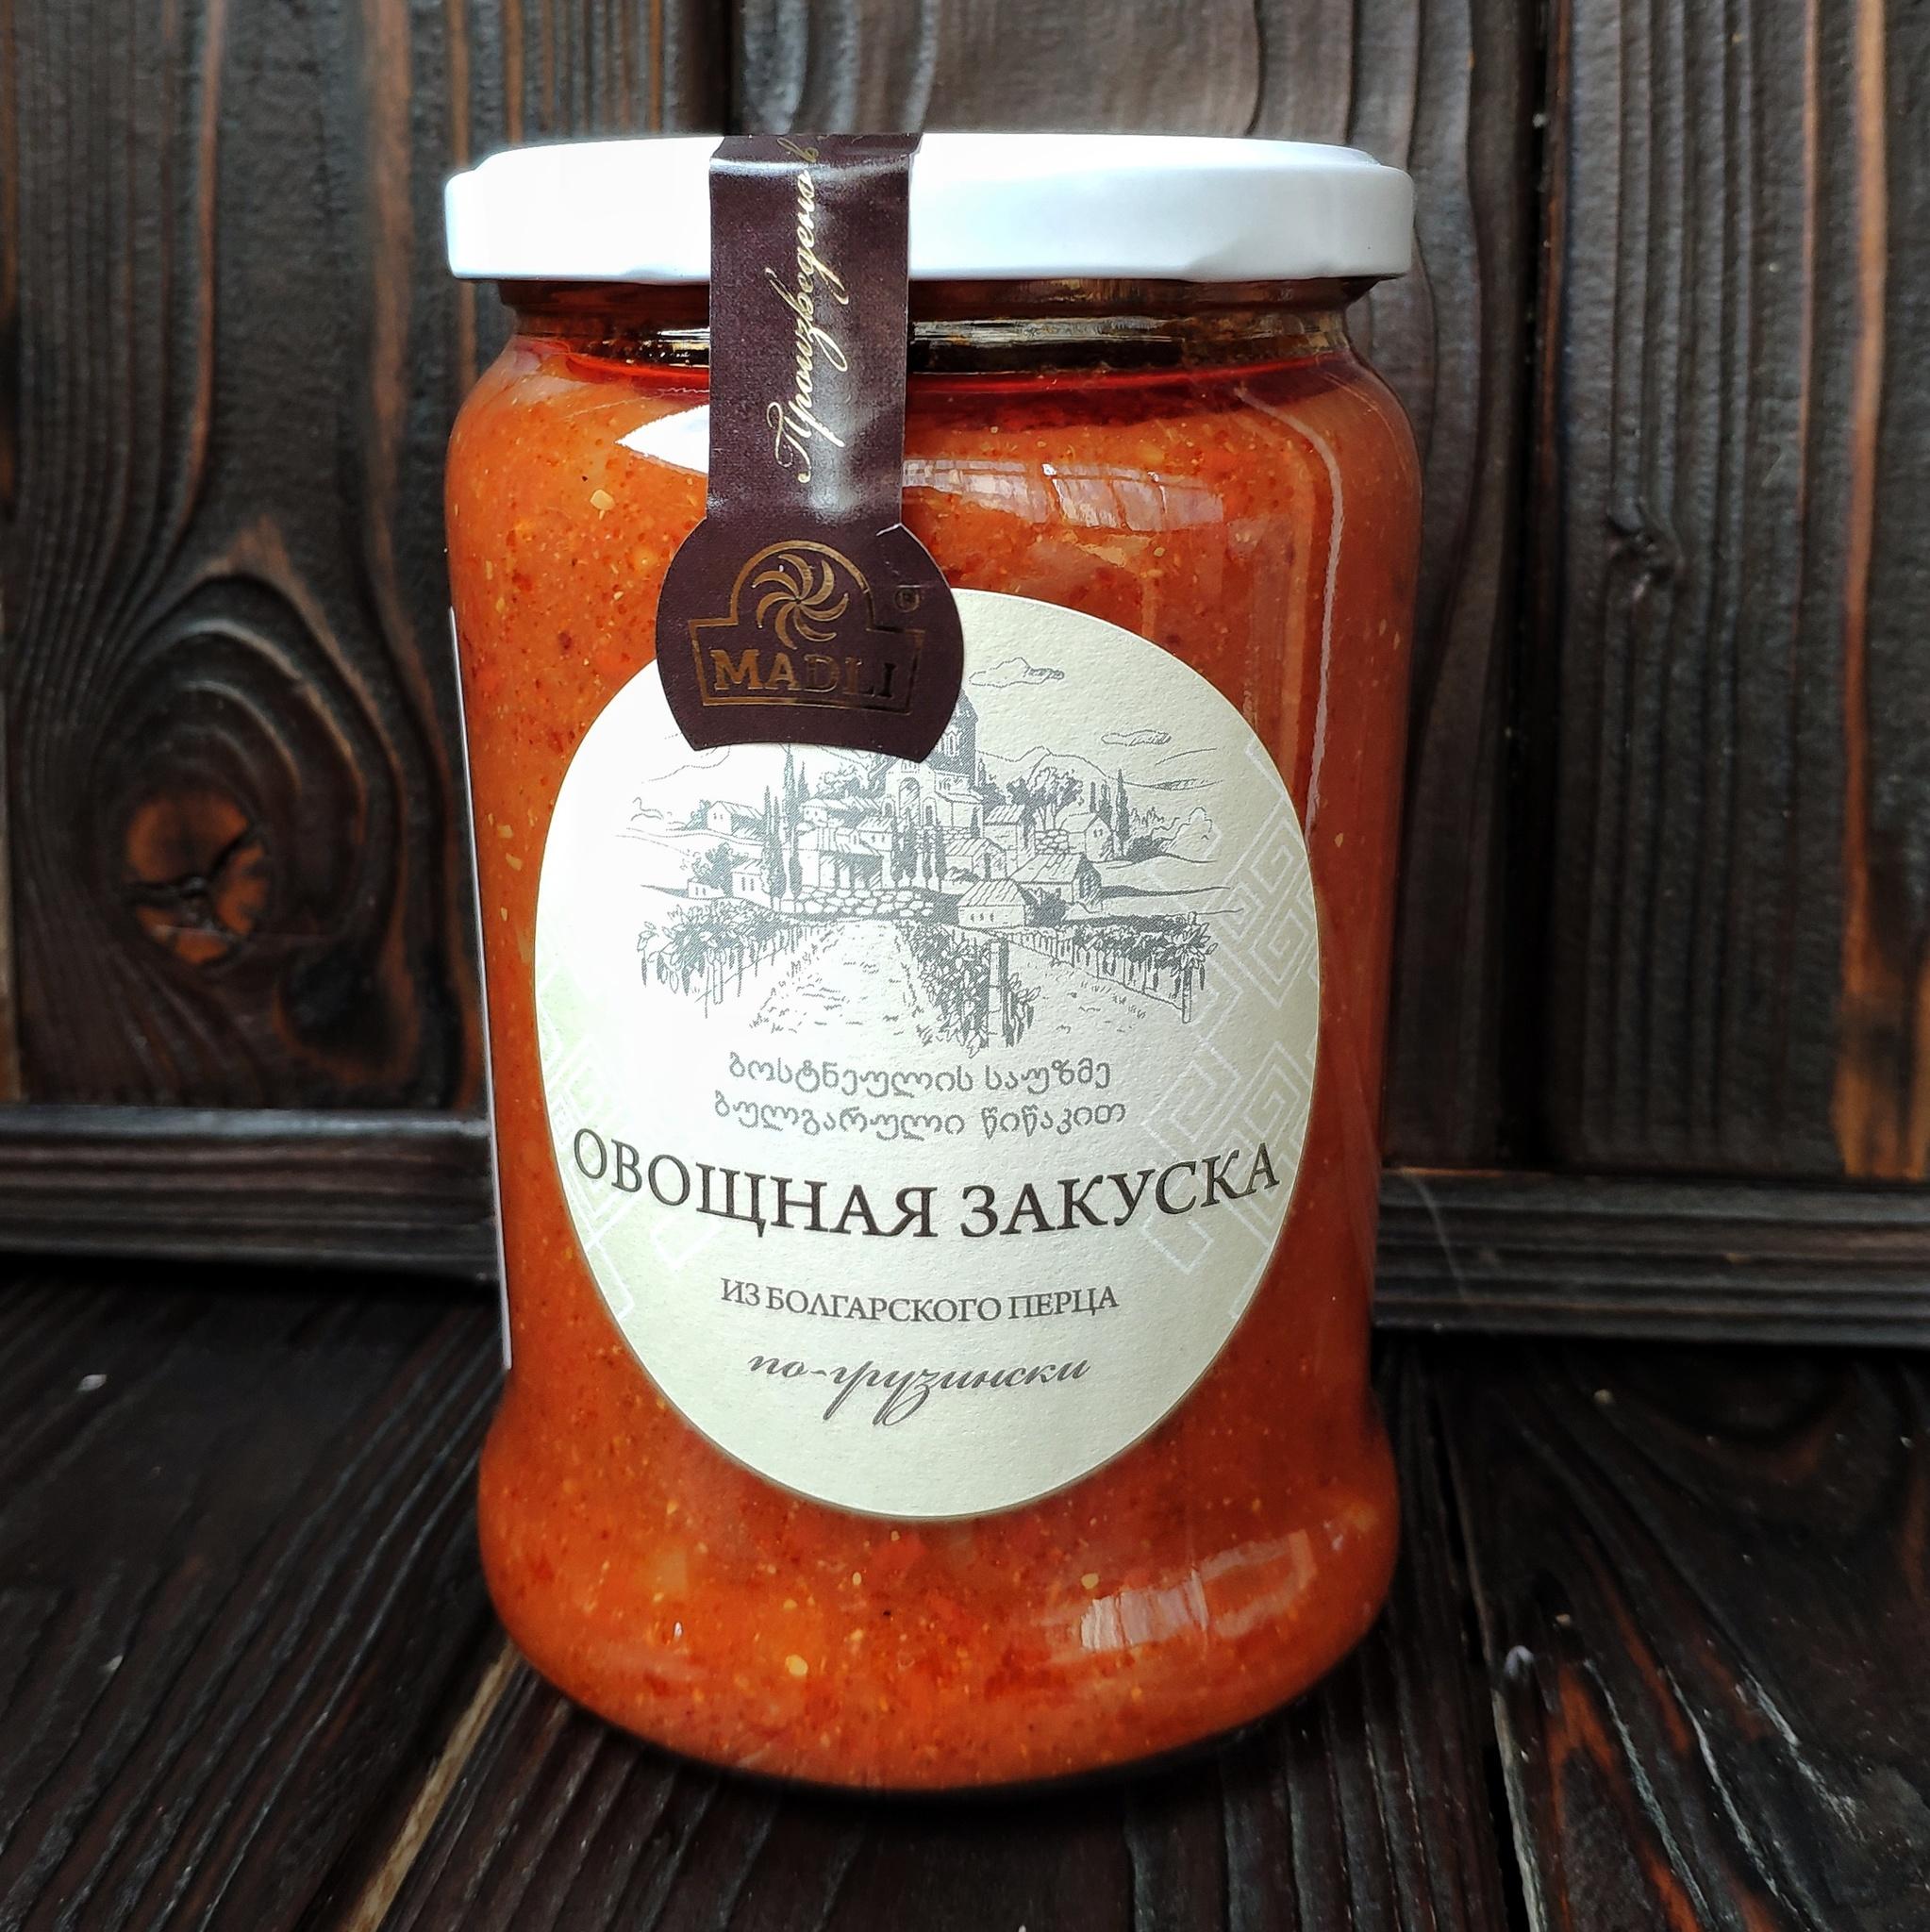 Фотография Овощная закуска из болгарского перца по-грузински MADLI, 580 гр купить в магазине Афлора